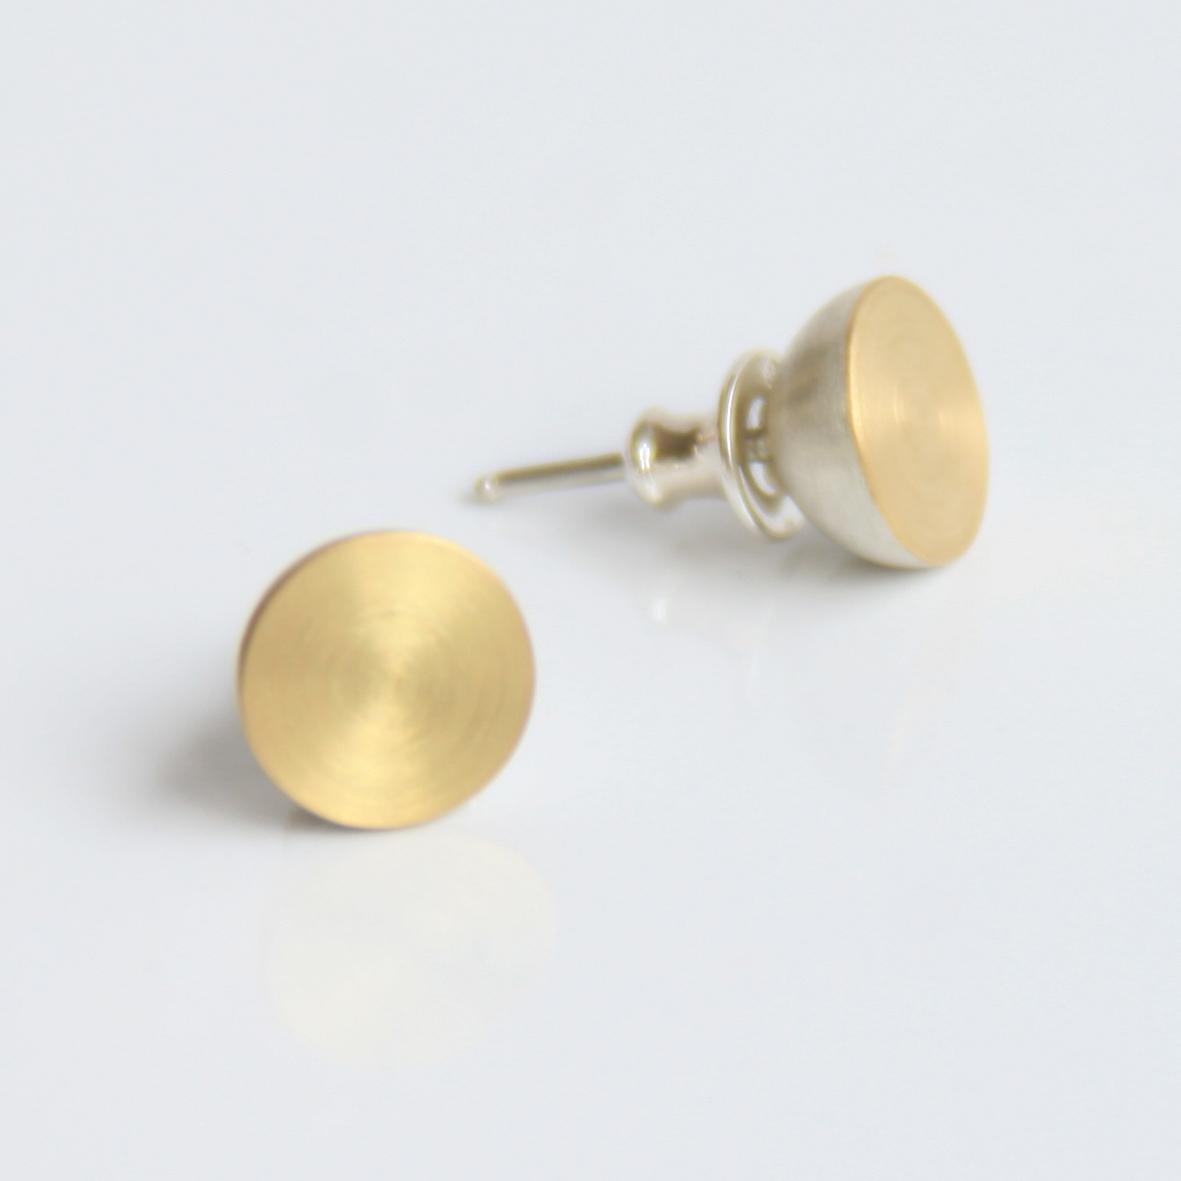 9a stud earrings 18ct gold silver.jpg